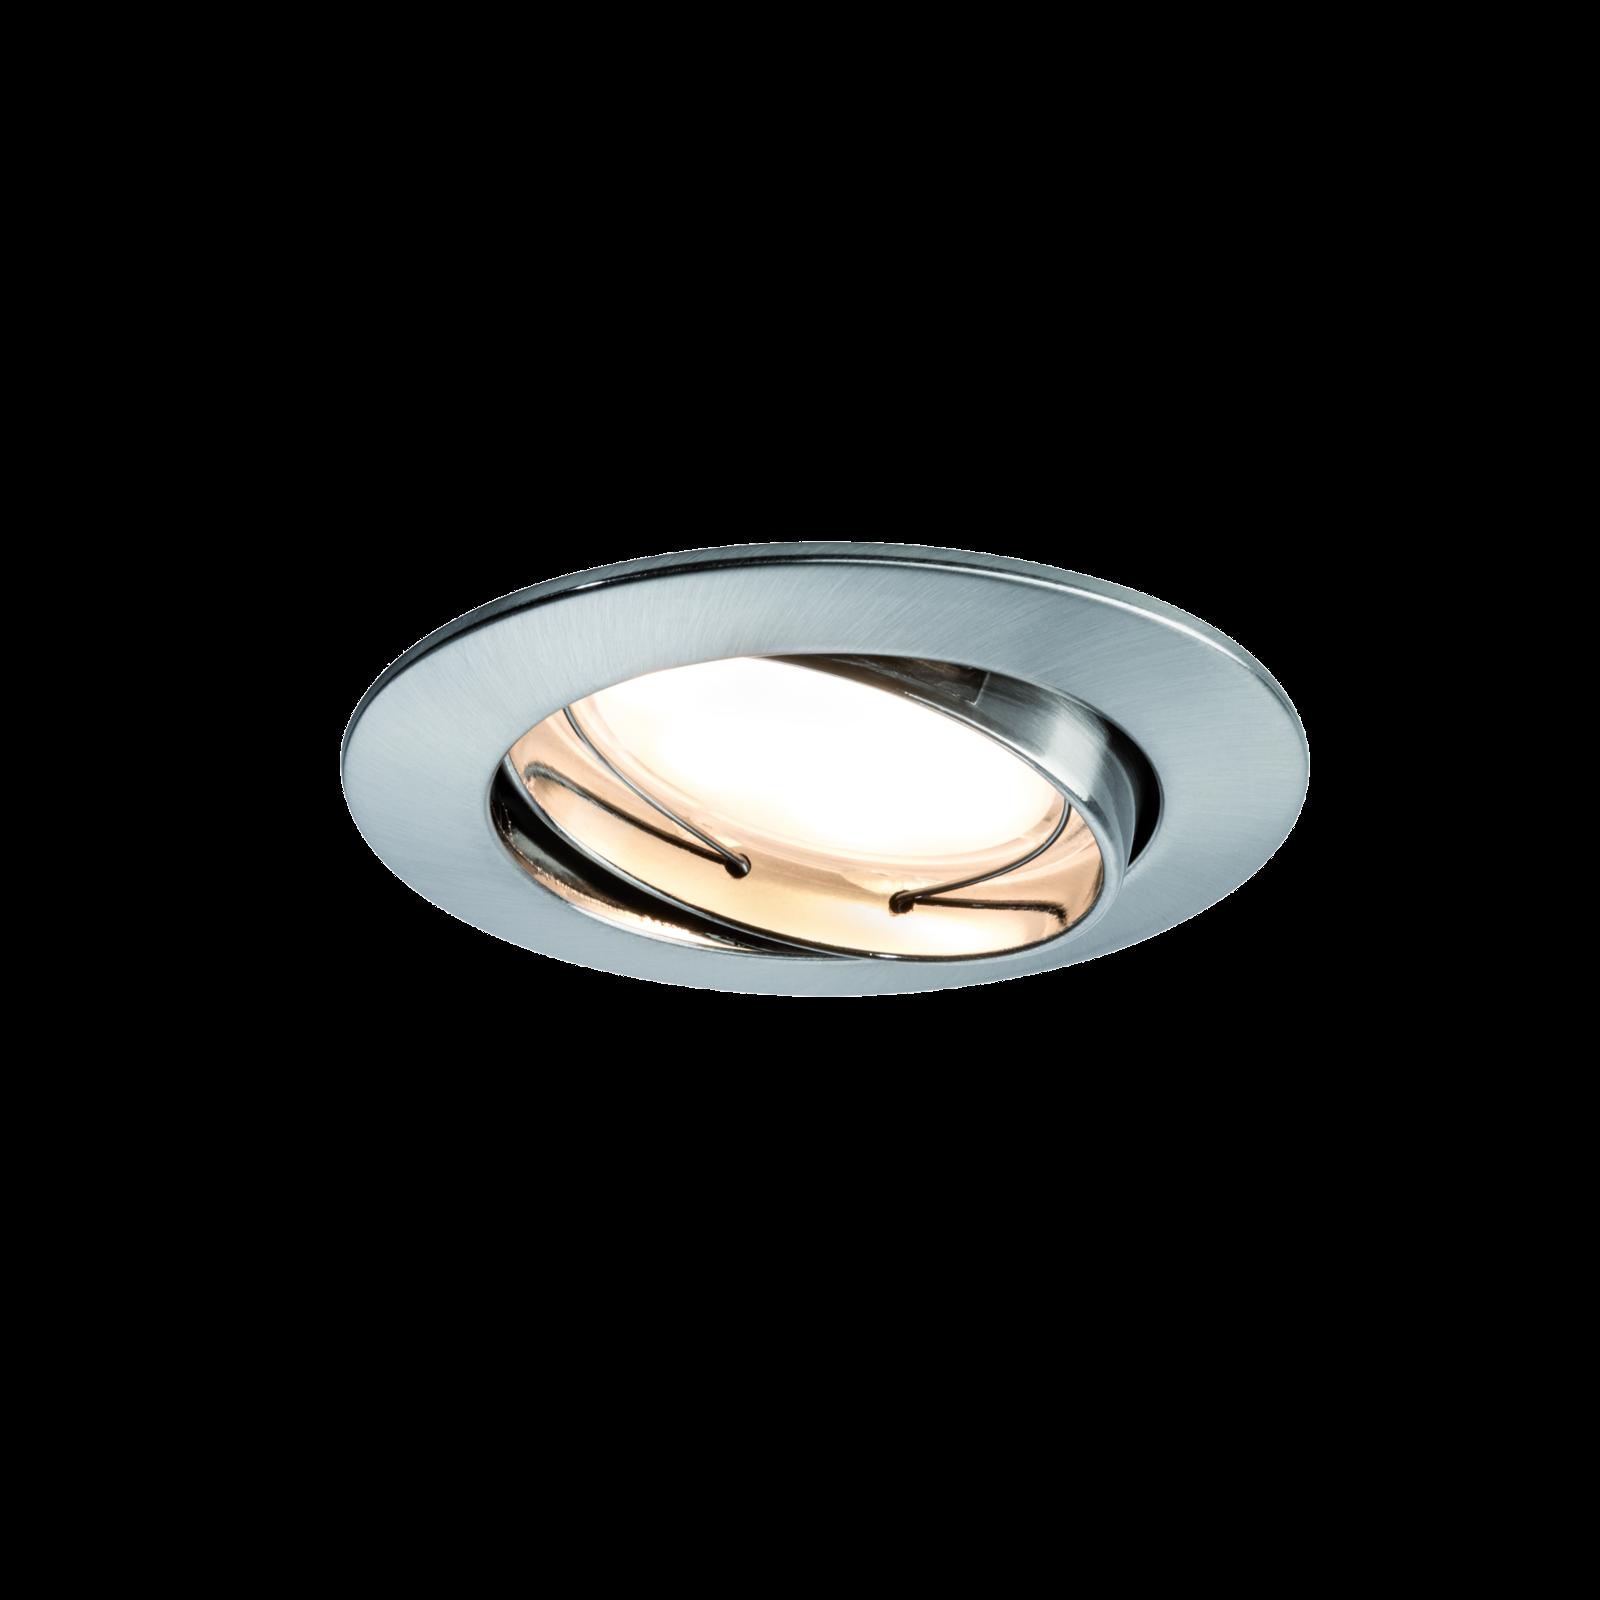 Paulmann LED Einbauleuchte Dimmbar - Eisen gebürstet